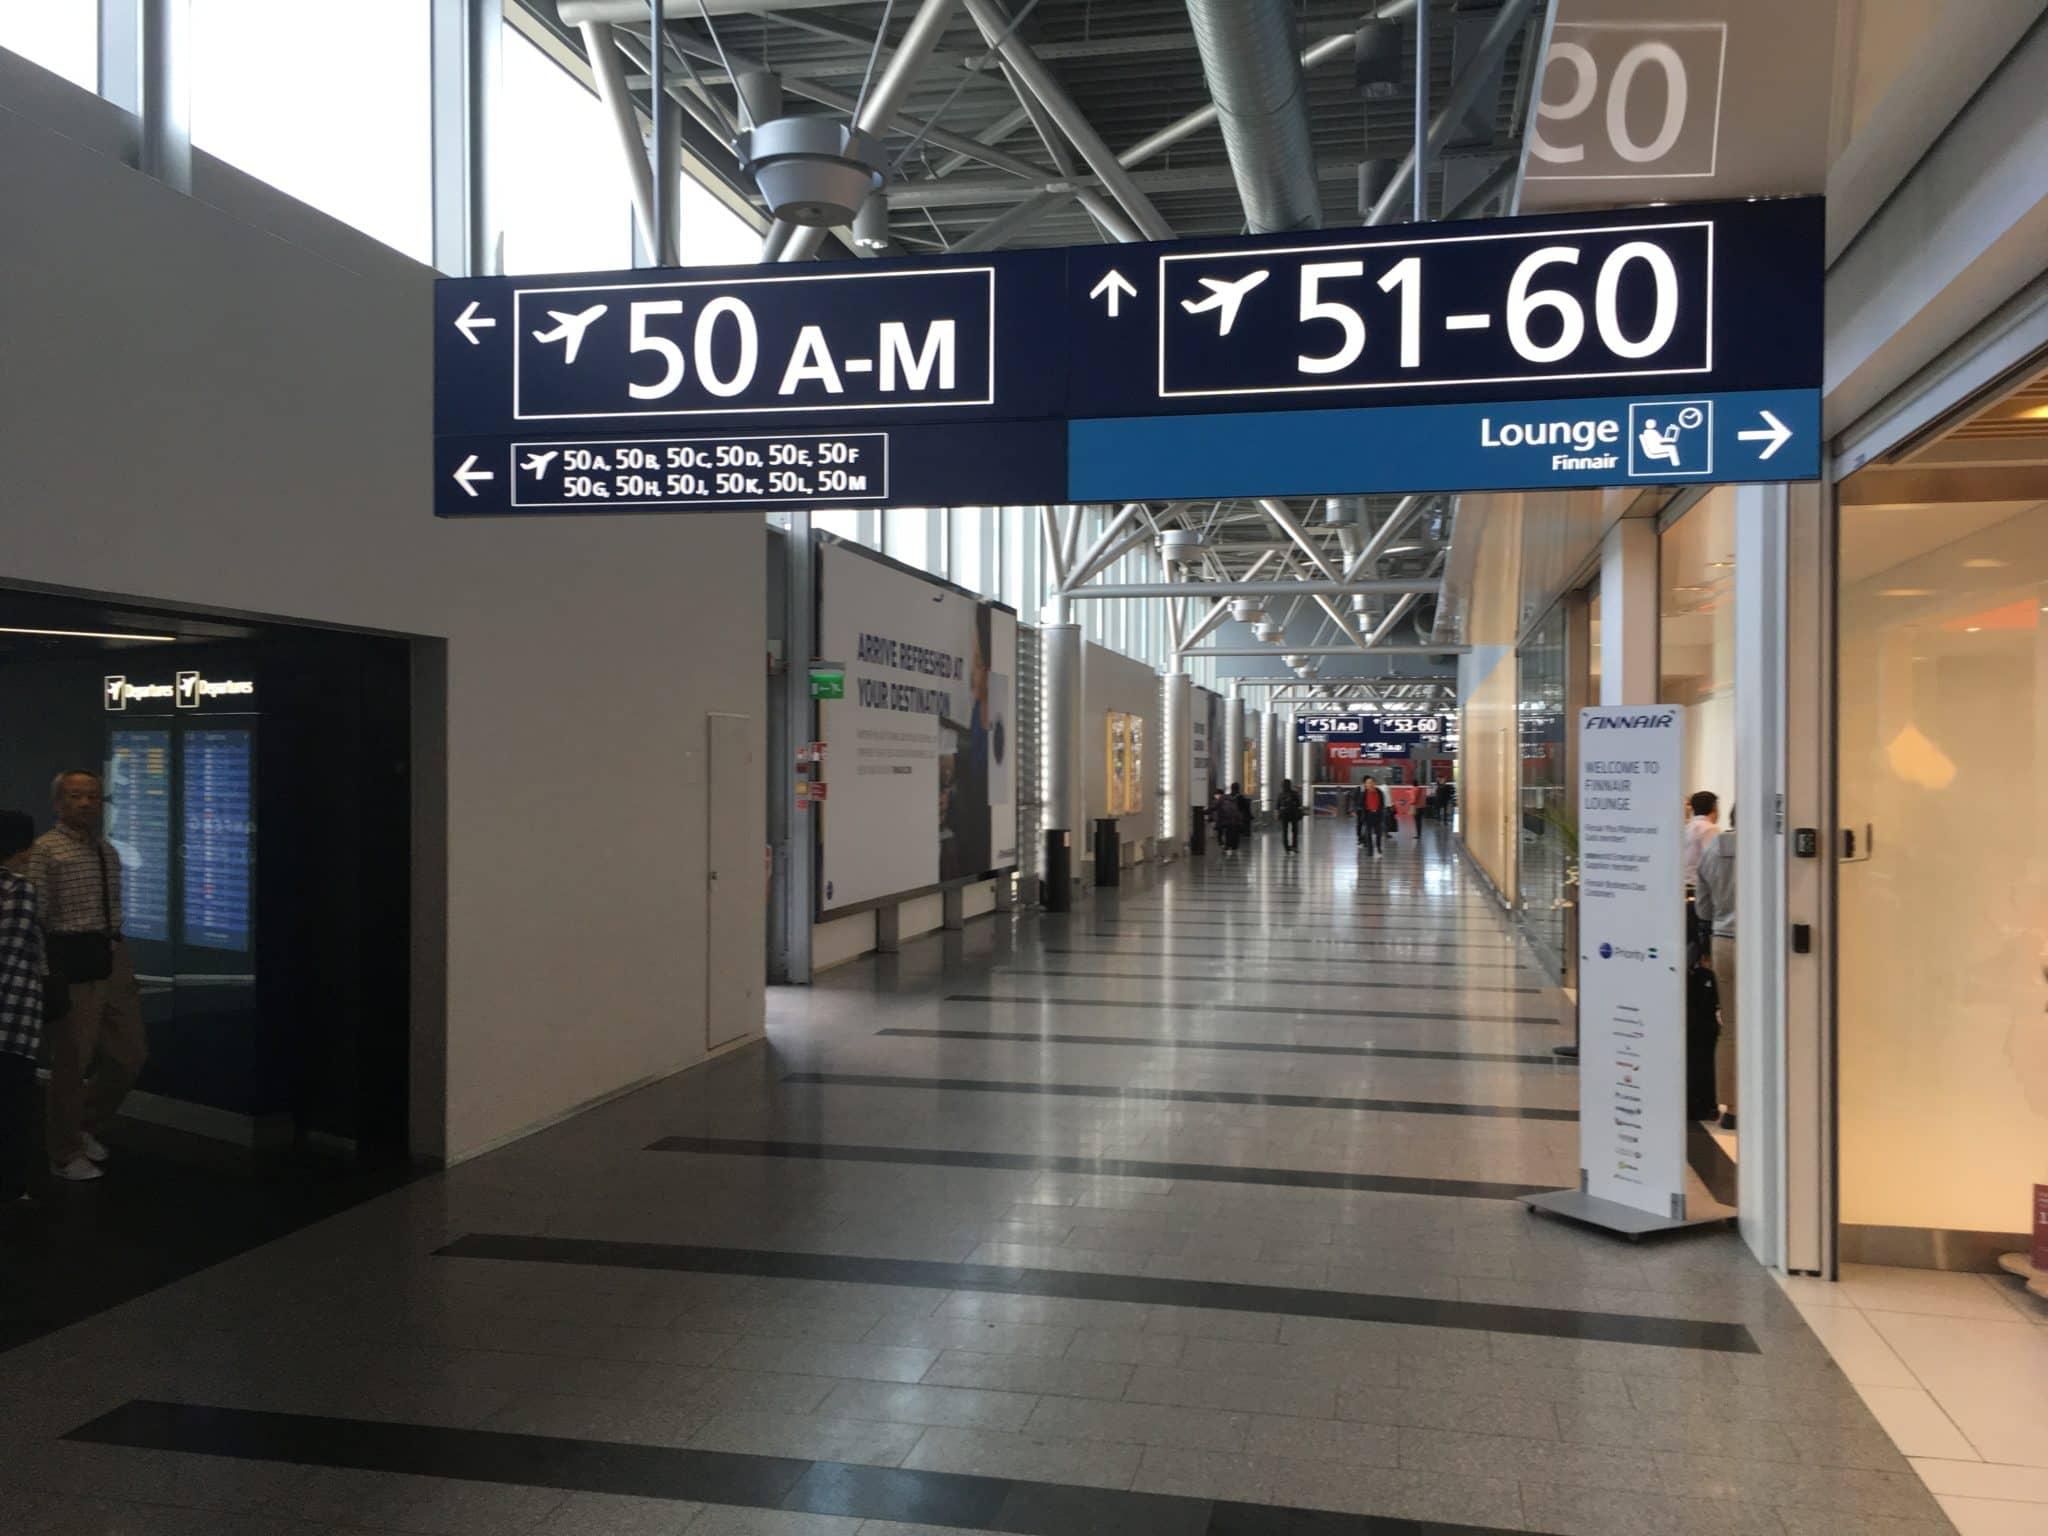 Finnair Lounge Helsinki Non-Schengen Gate 50